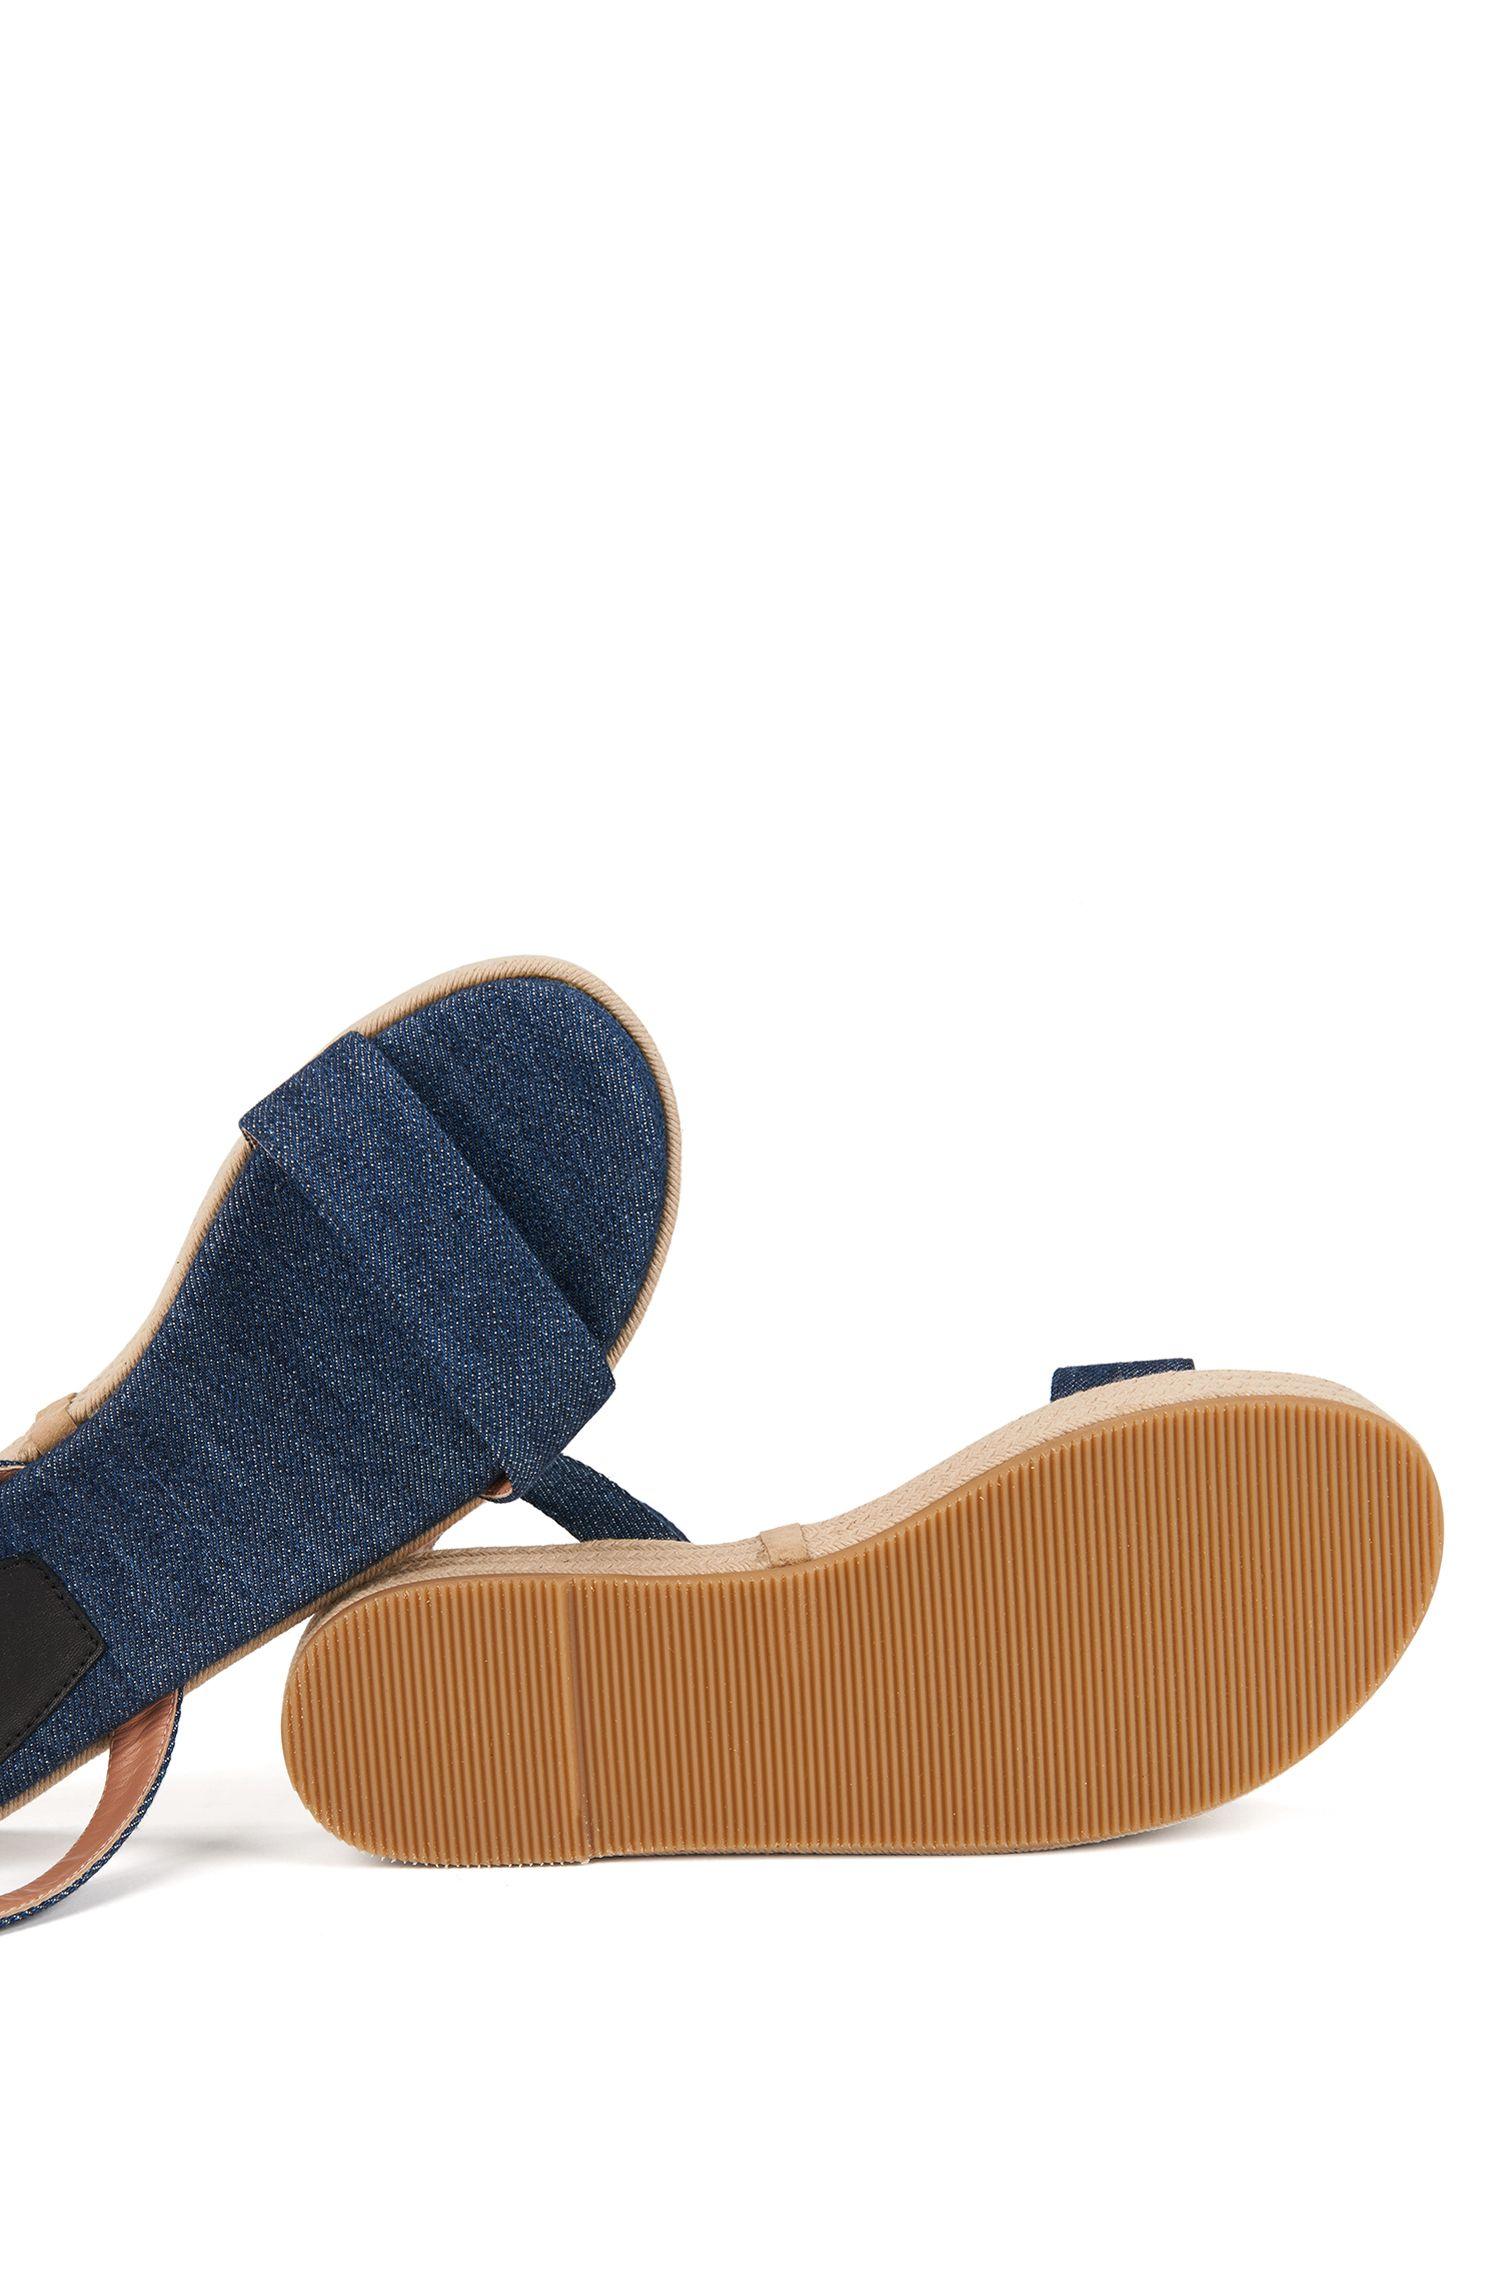 Sandales à plateforme en denim doux